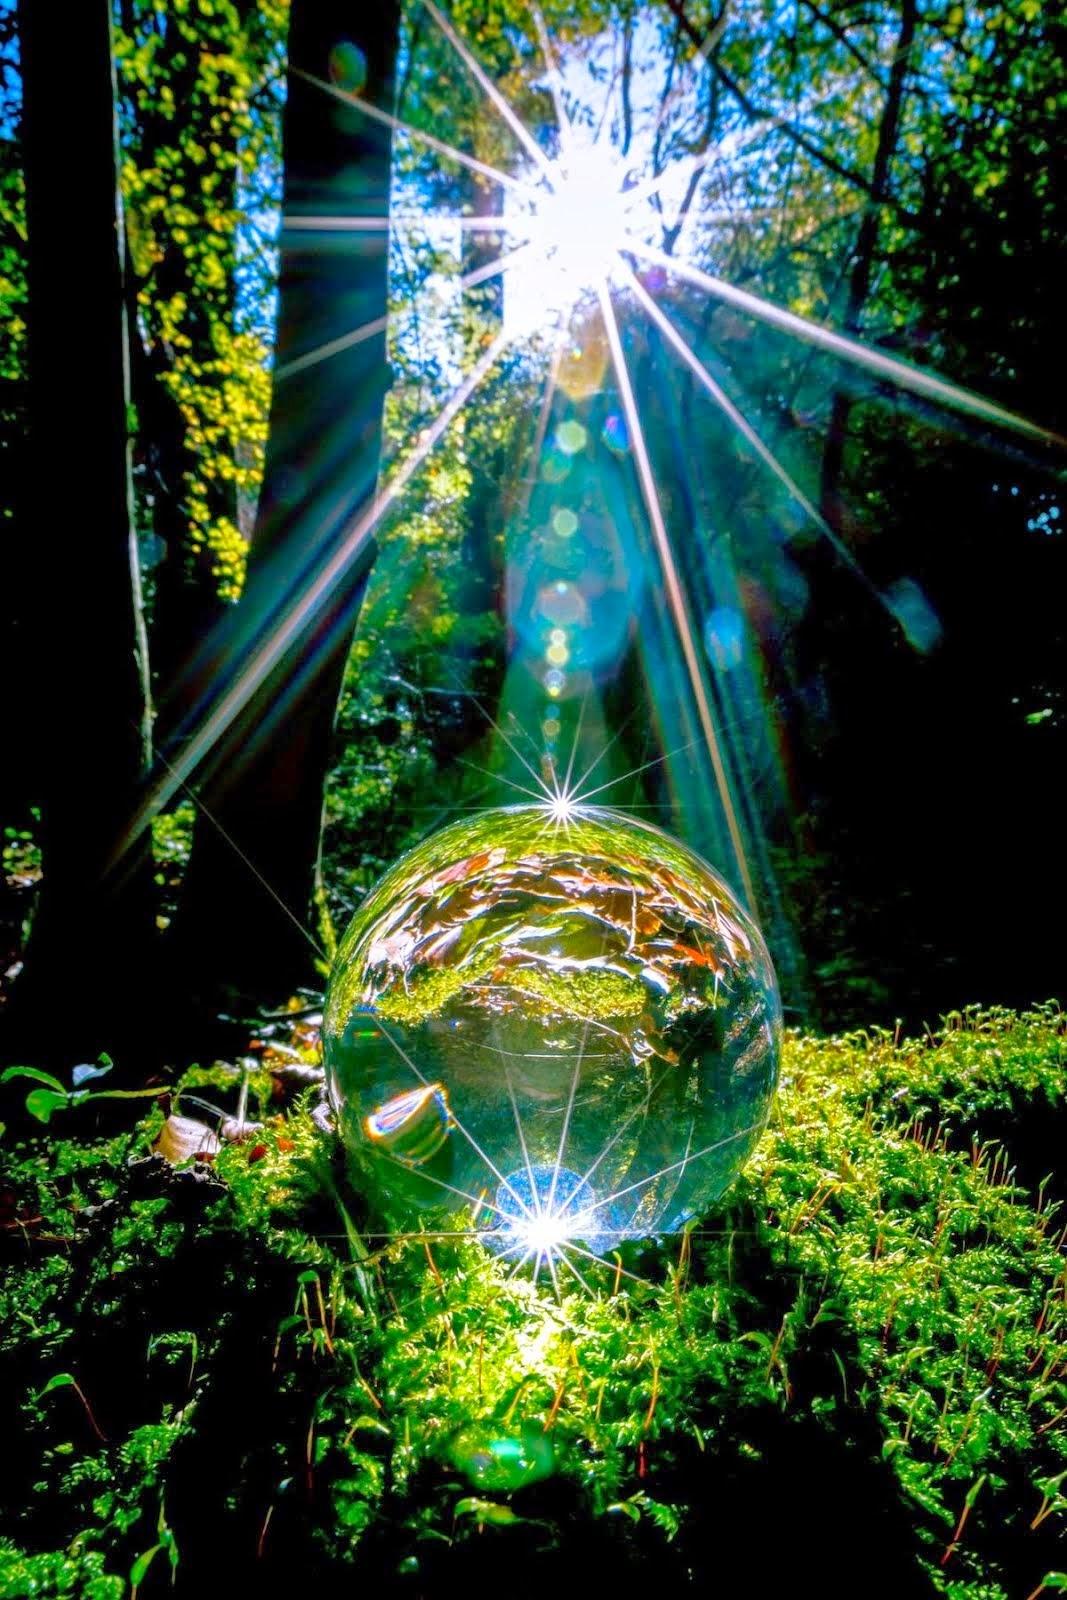 Riekoより 瞑想会のお知らせ